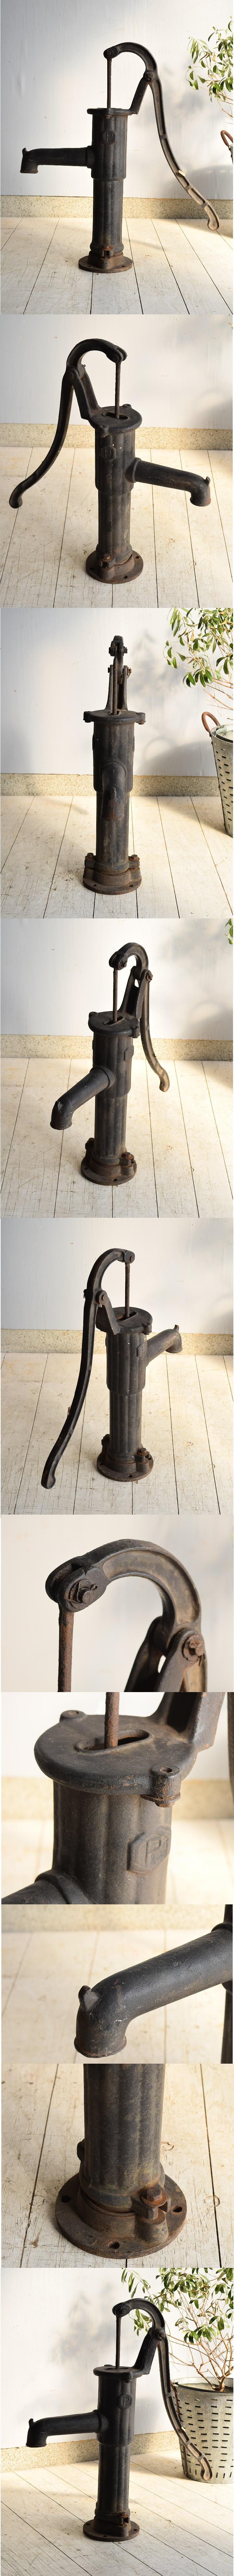 イギリス アンティーク ウォーターポンプ 井戸 ガーデニング 7527